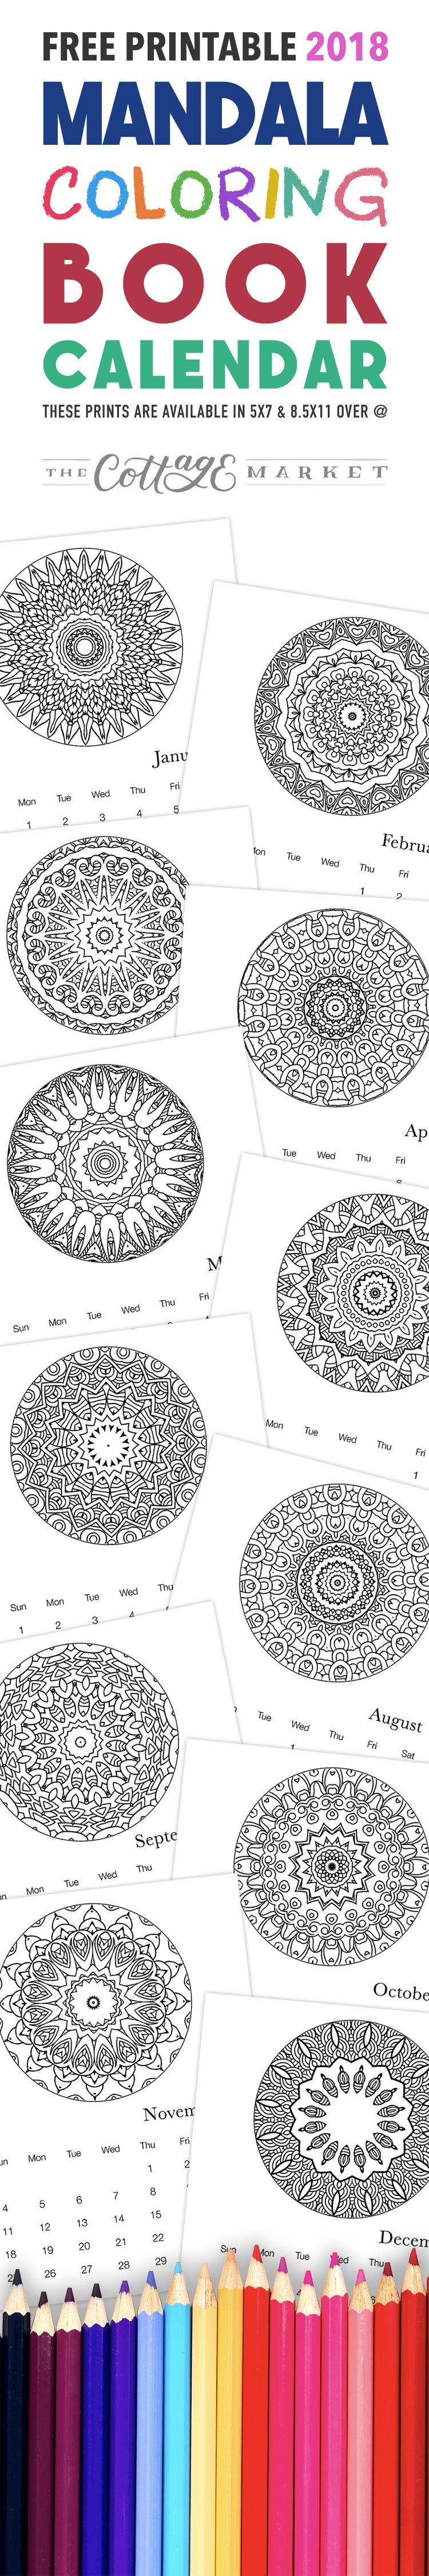 Free printable mandala coloring book calendar mandala